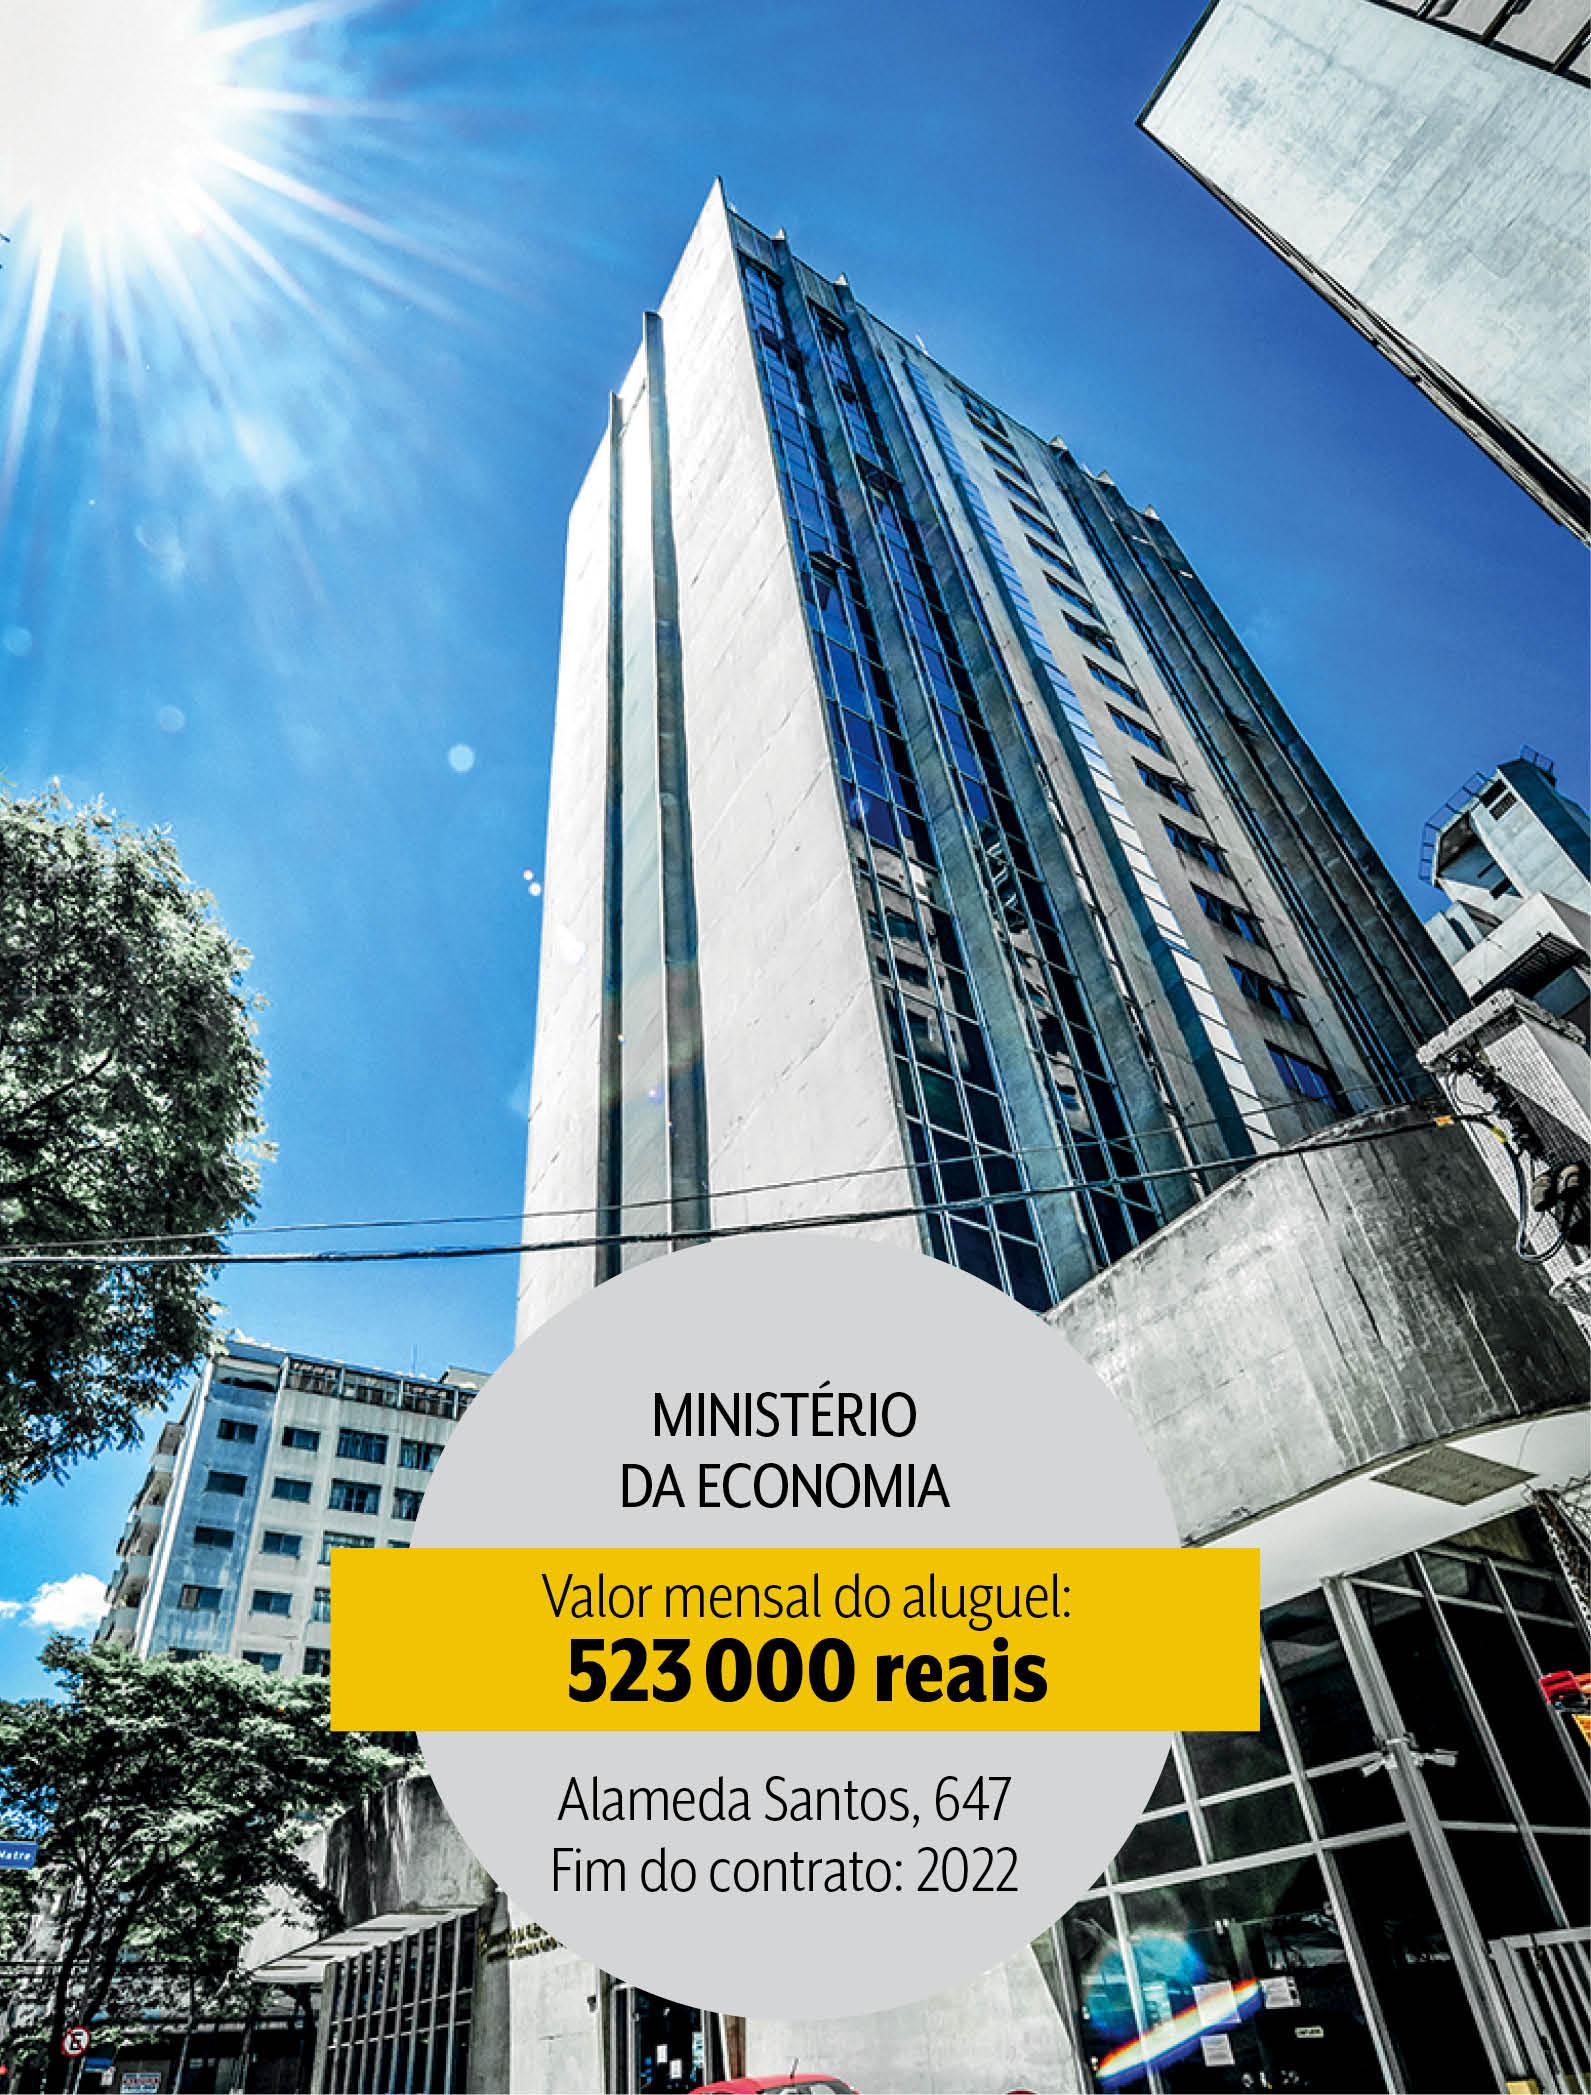 Ministério da Economia: 11,6 milhões de reais por ano em dois prédios, um na Alameda Santos e o outro na Avenida Brigadeiro Luís Antônio